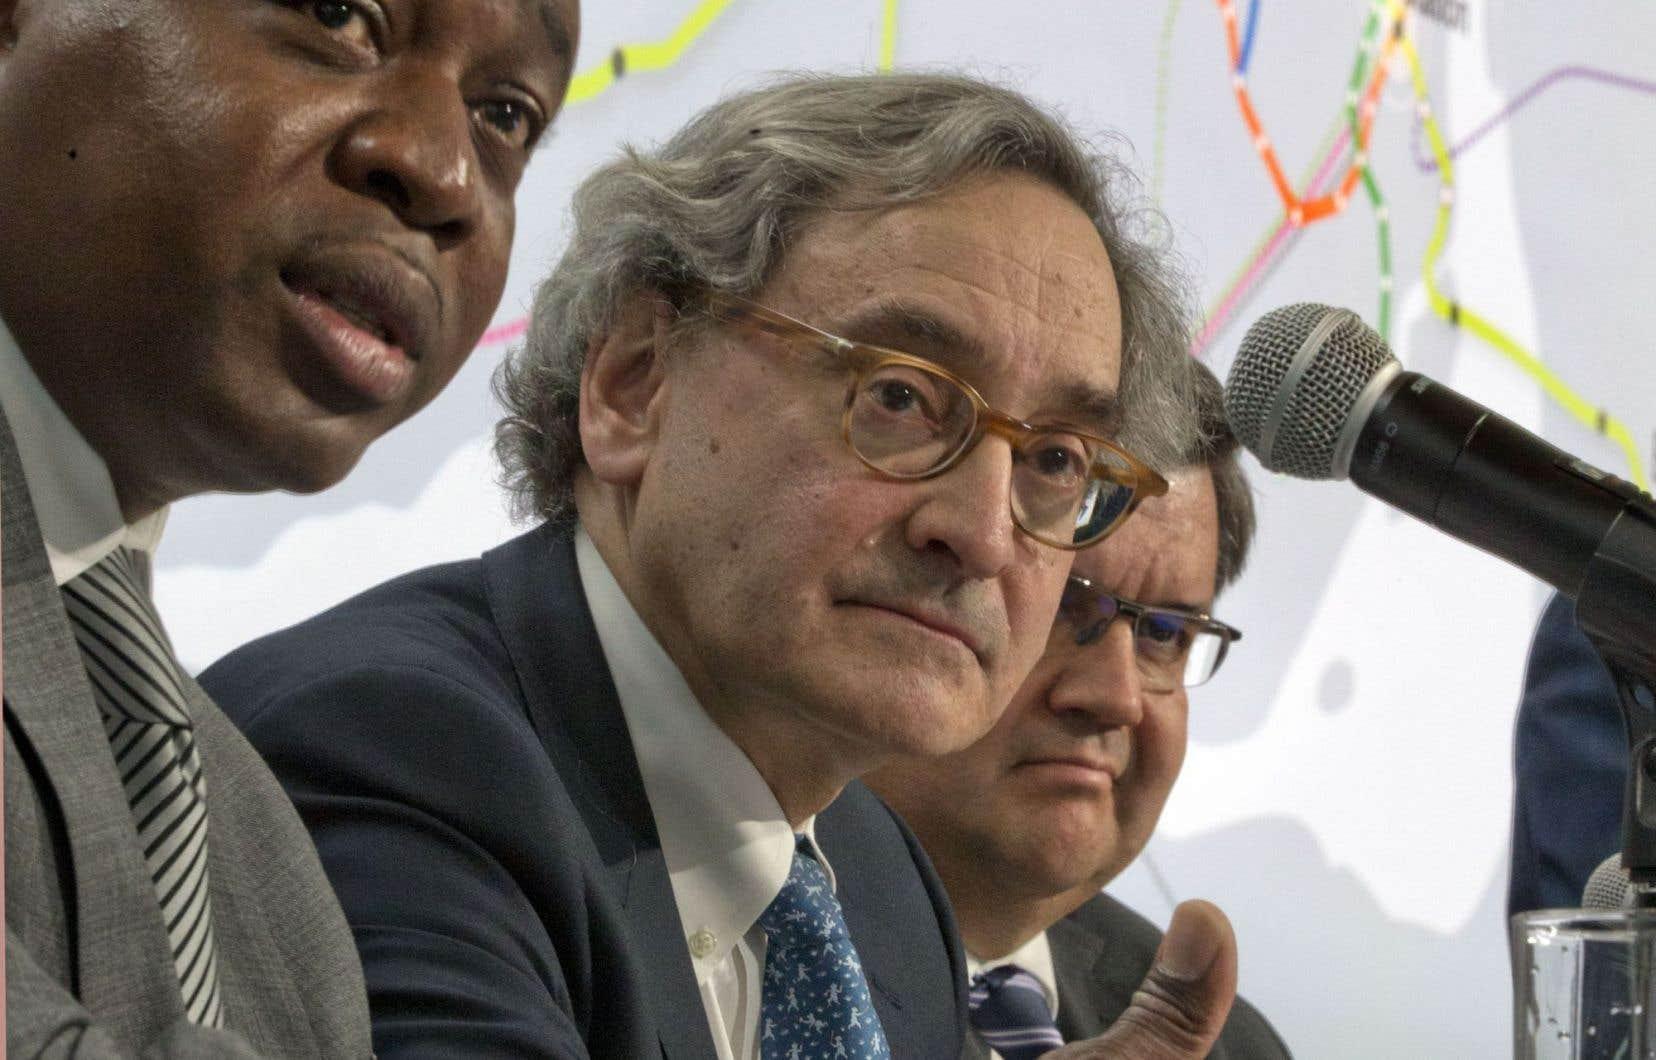 Macky Tall, président et chef de la direction de CDPQ Infra, Michael Sabia, président et directeur général de la Caisse de dépôt et placement du Québec, et le maire de Montréal, Denis Coderre